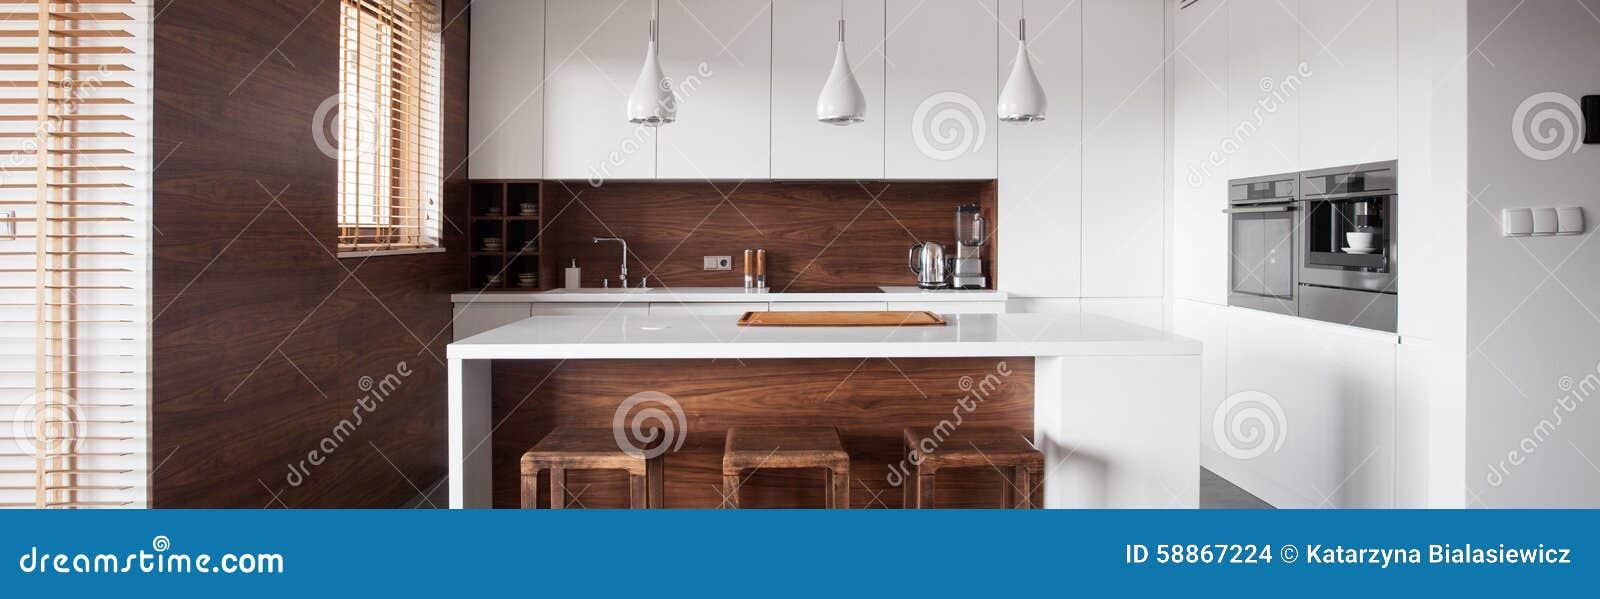 Isla de cocina en la cocina de madera foto de archivo for Islas de cocina de madera